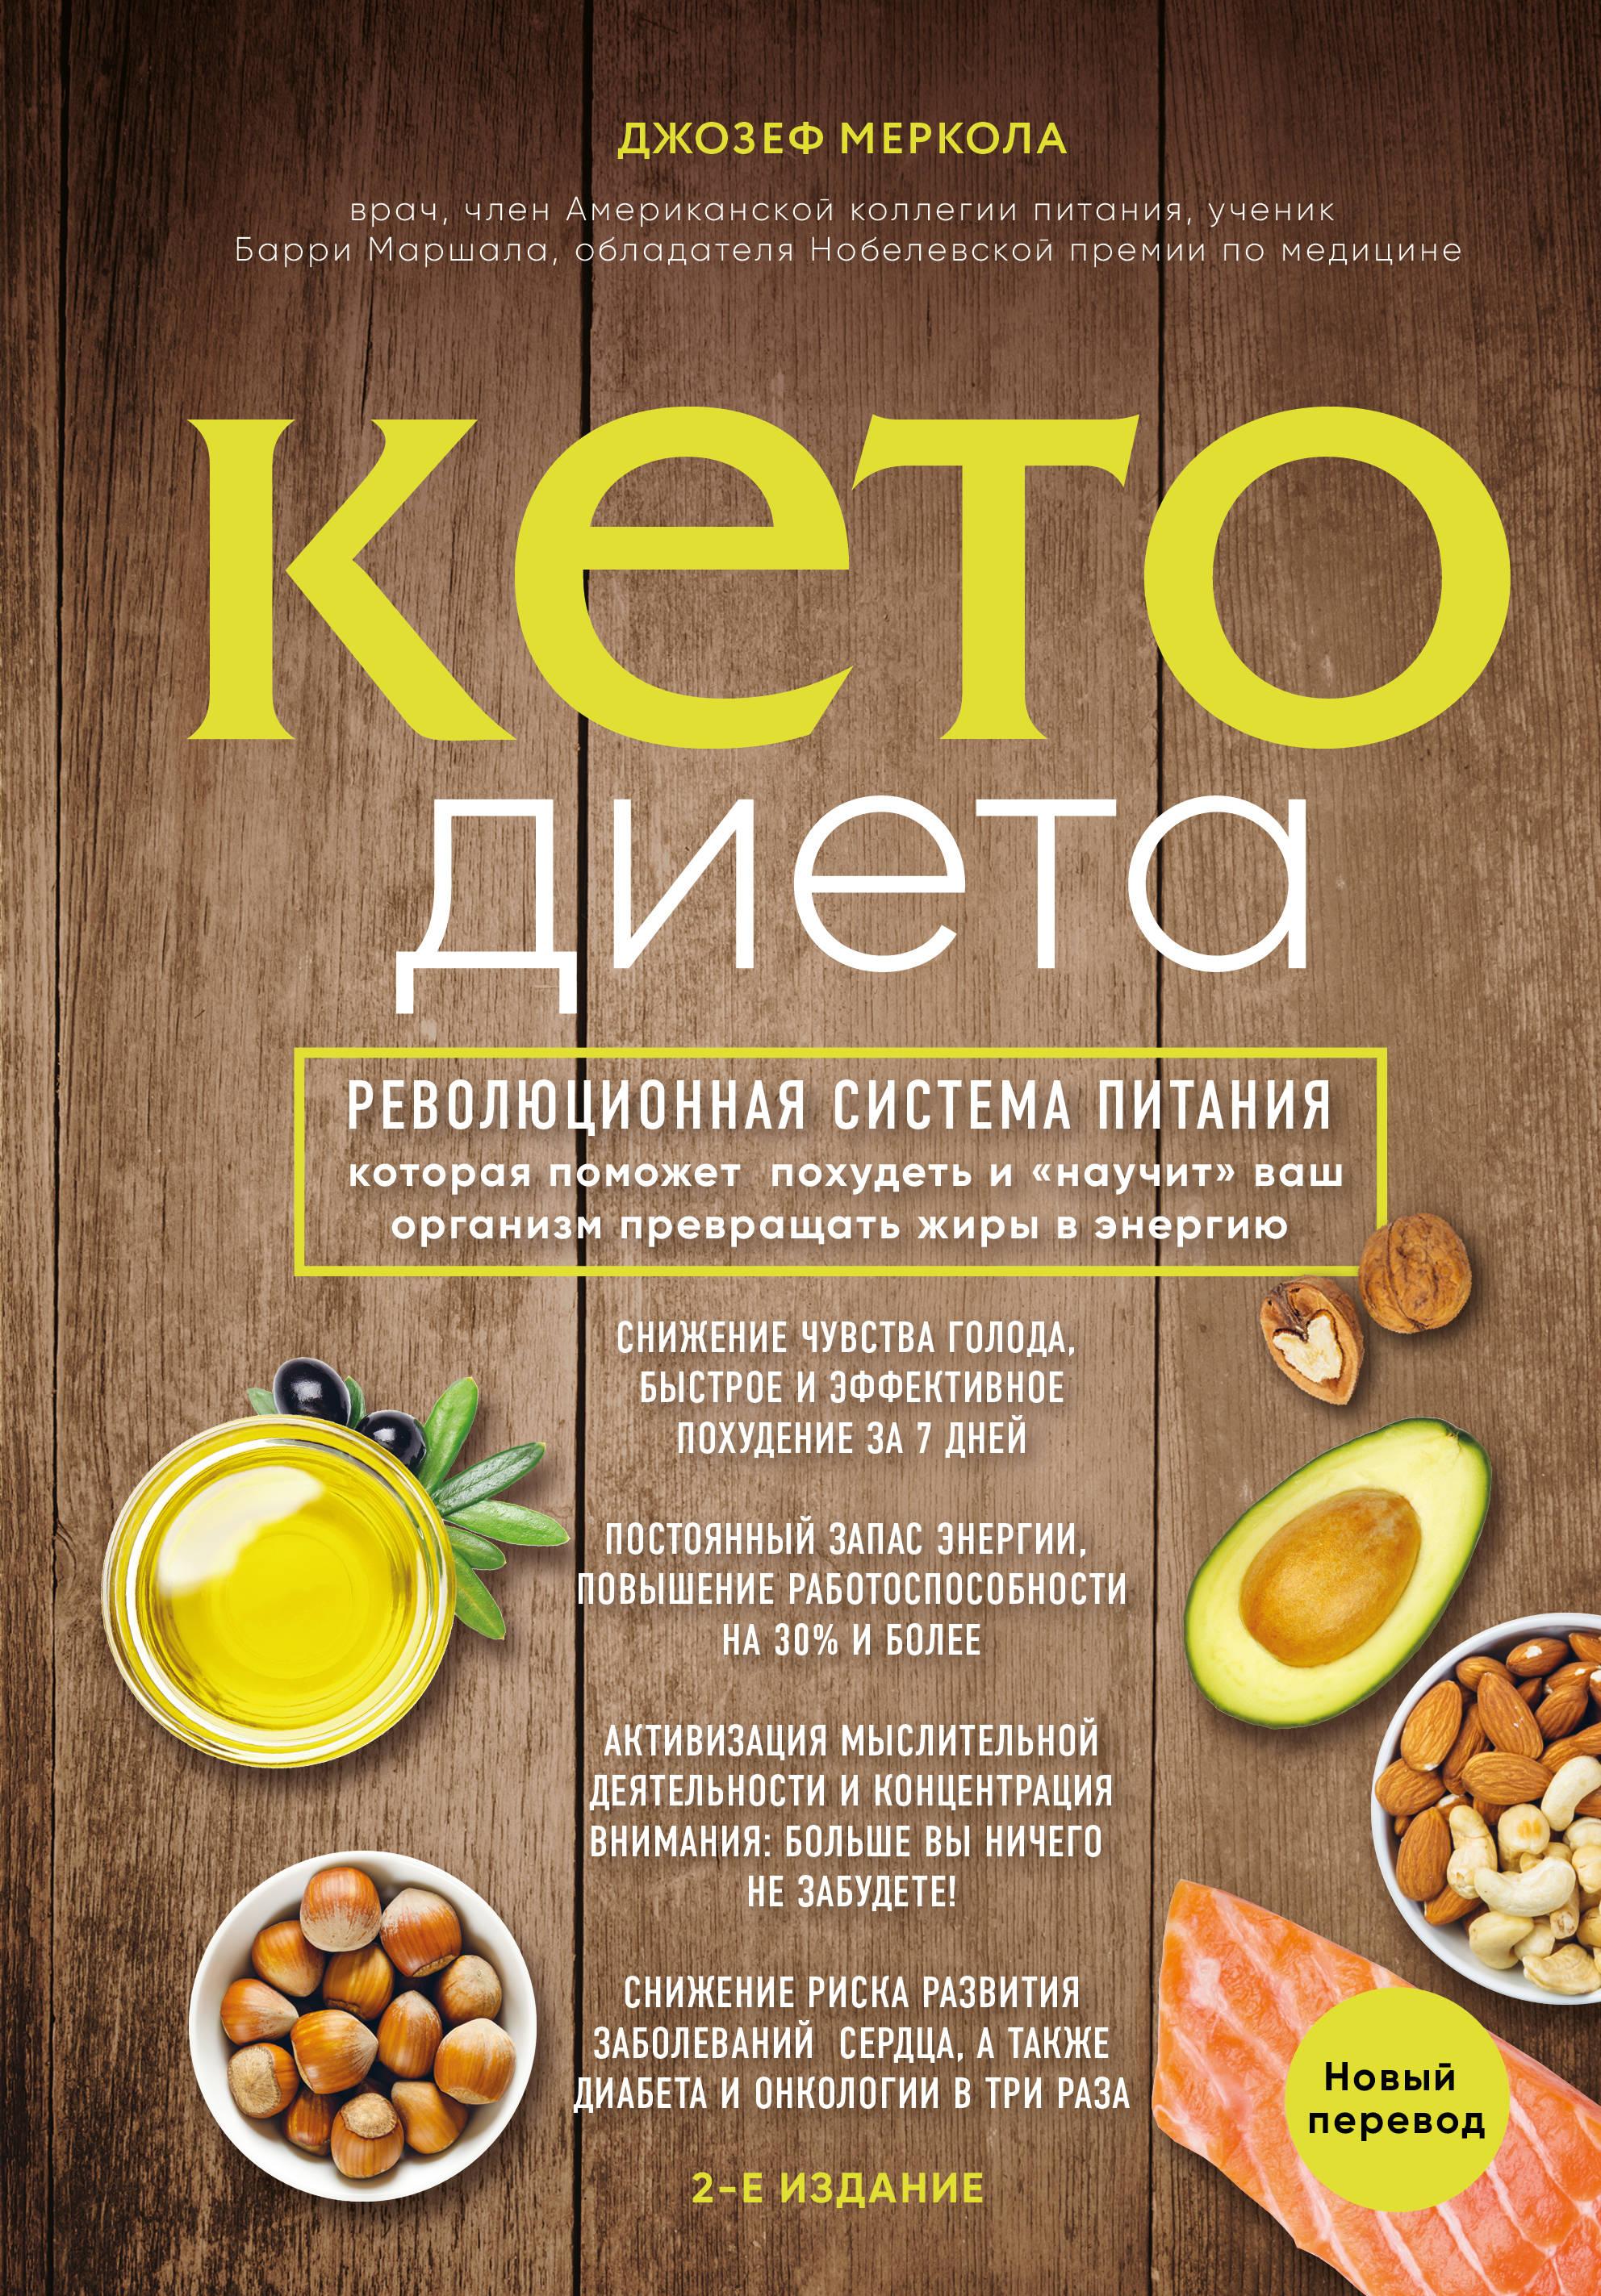 """Джозеф Меркола Кето-диета. Революционная система питания, которая поможет похудеть и """"научит"""" ваш организм превращать жиры в энергию"""